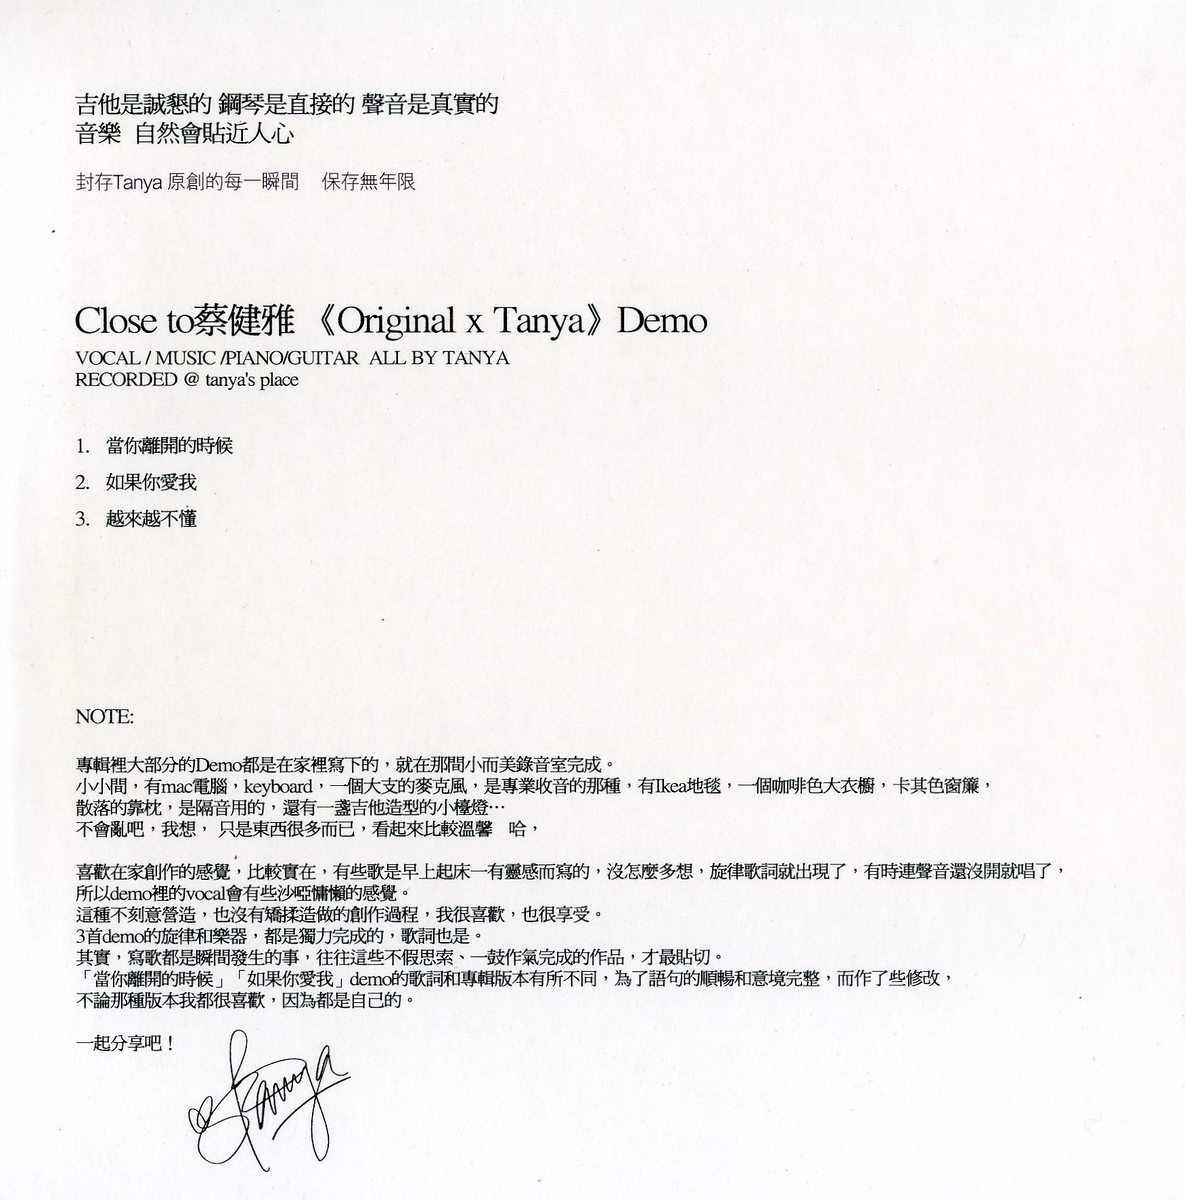 蔡健雅 Close To 蔡健雅 Original x Tanya